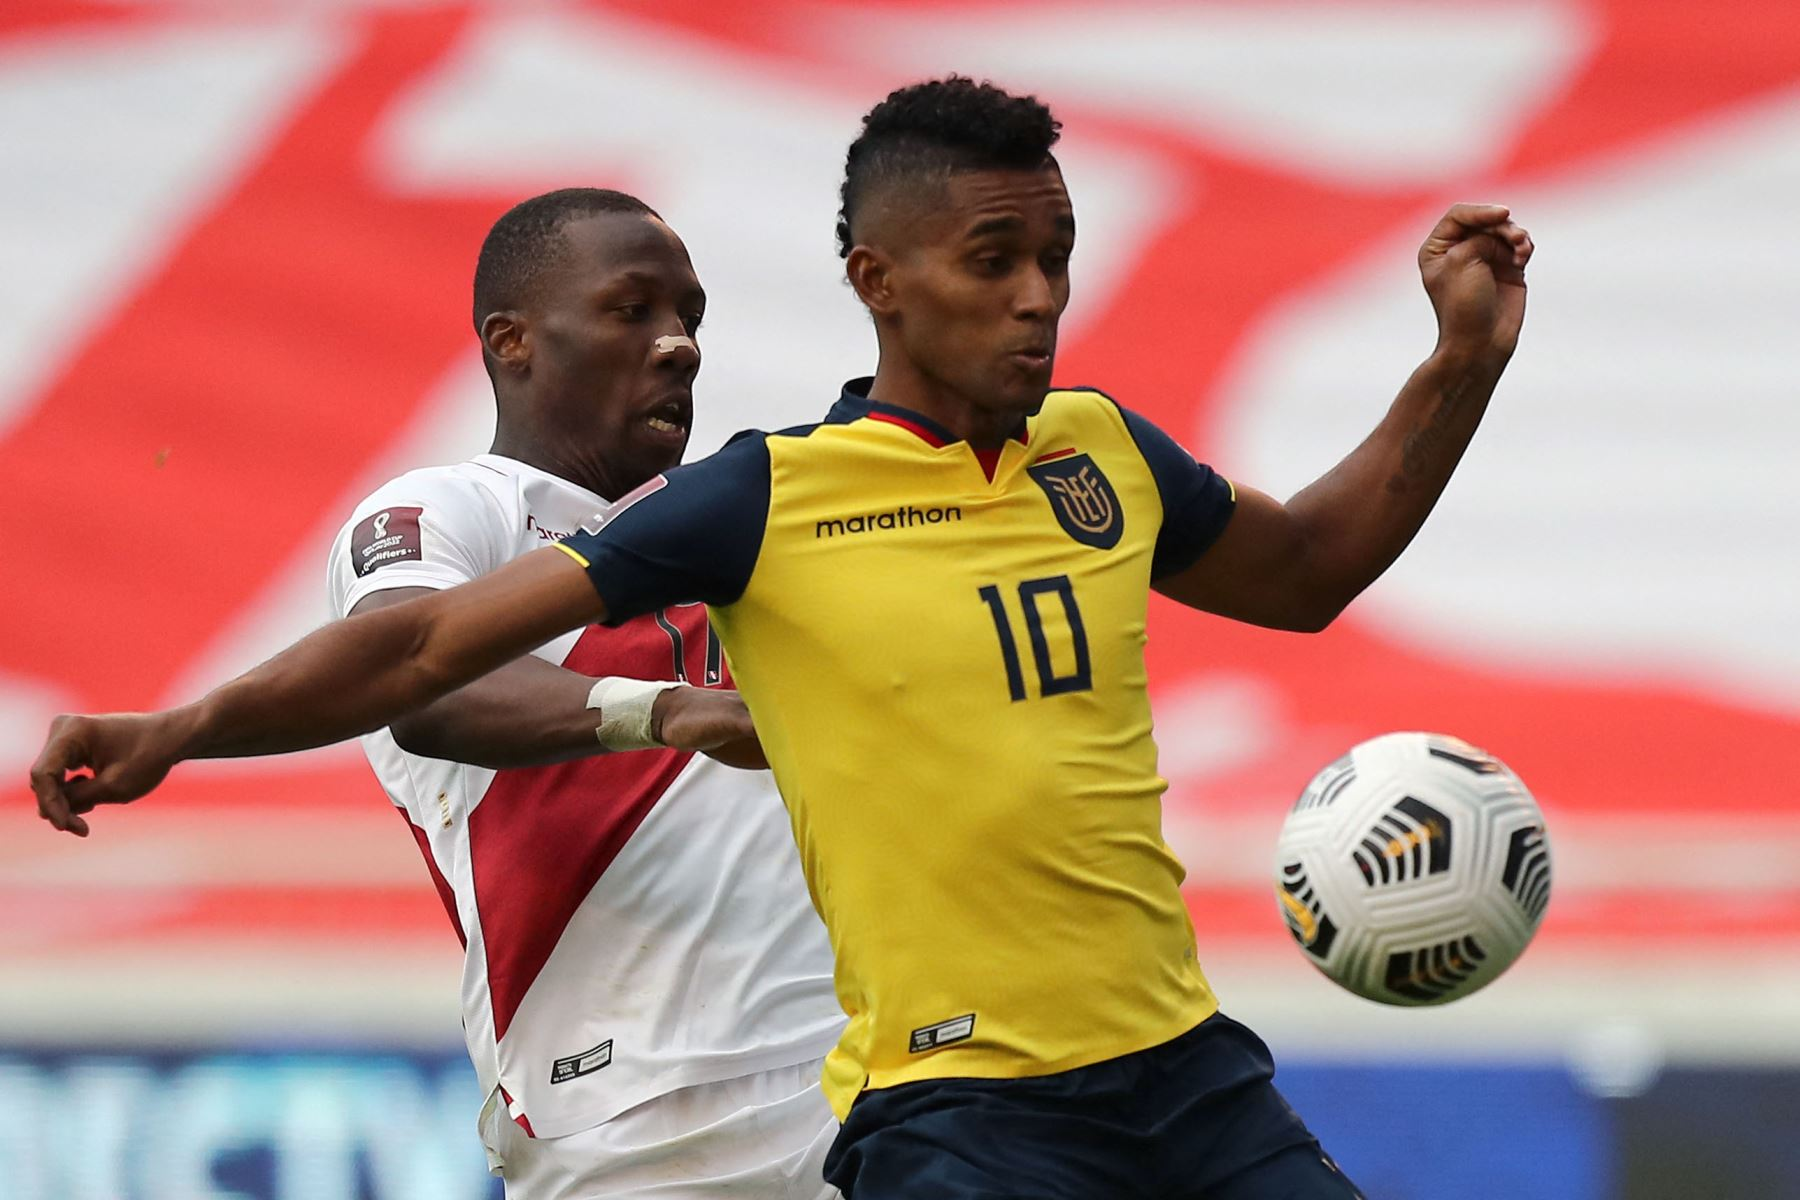 El ecuatoriano Juan Cazares y el peruano Luis Advincula compiten por el balón durante su partido de fútbol de clasificación sudamericano para la Copa Mundial de la FIFA Qatar 2022 en el Estadio Rodrigo Paz Delgado en Quito. Foto: AFP